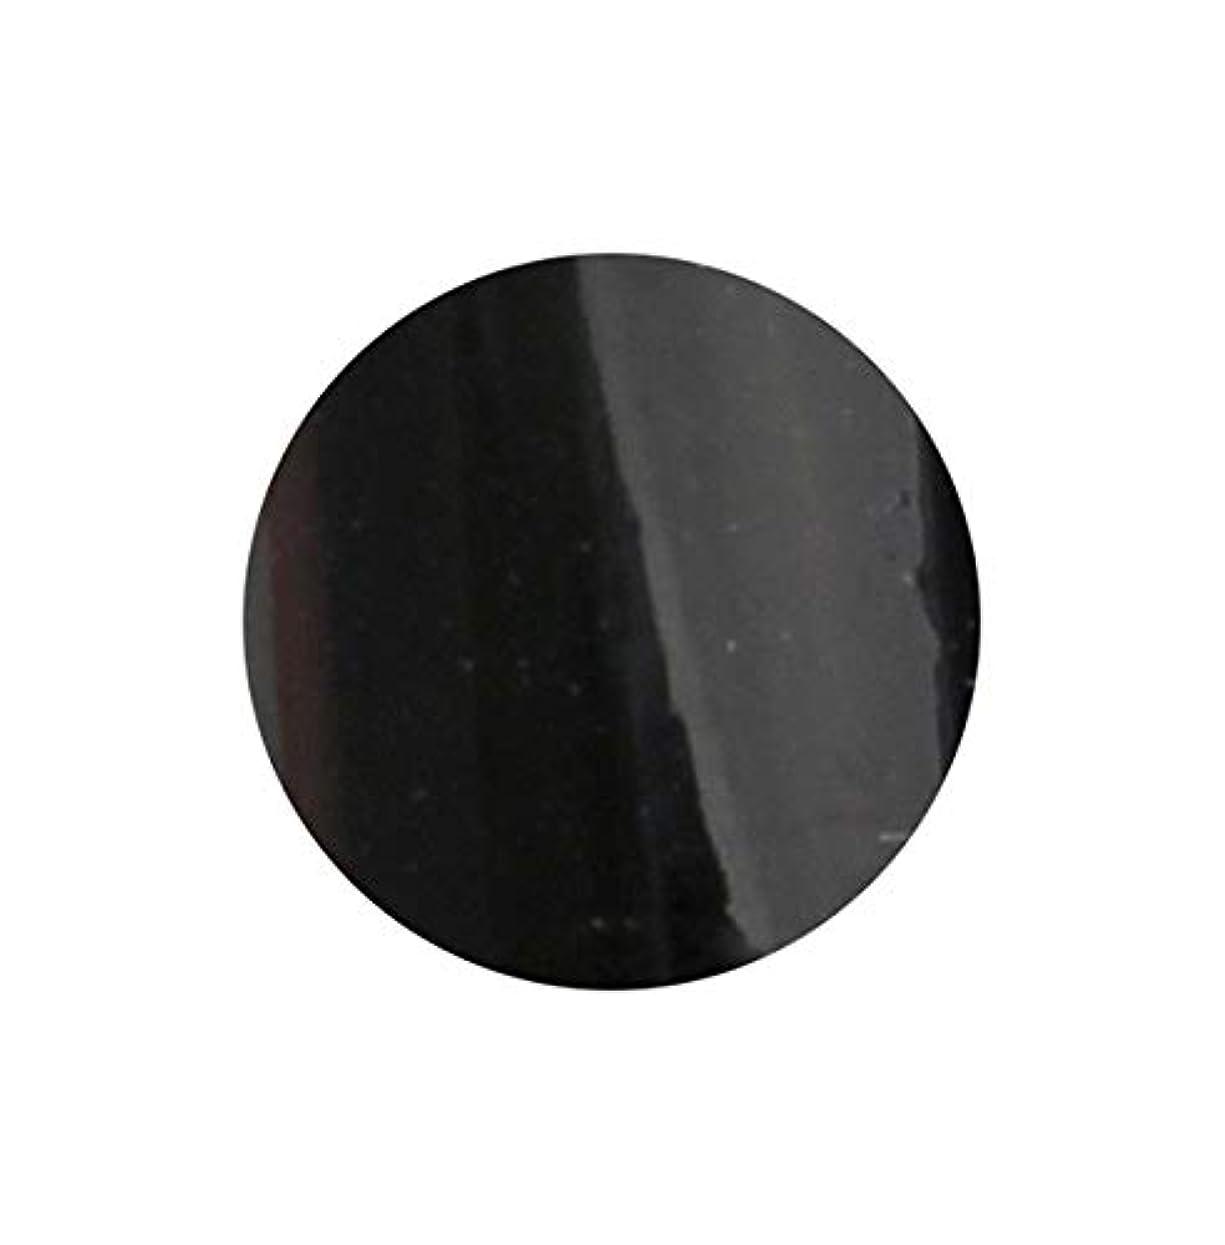 ペフバレーボール貧しいSHAREYDVA シャレドワ+ ネイルカラー No.33 ブラック